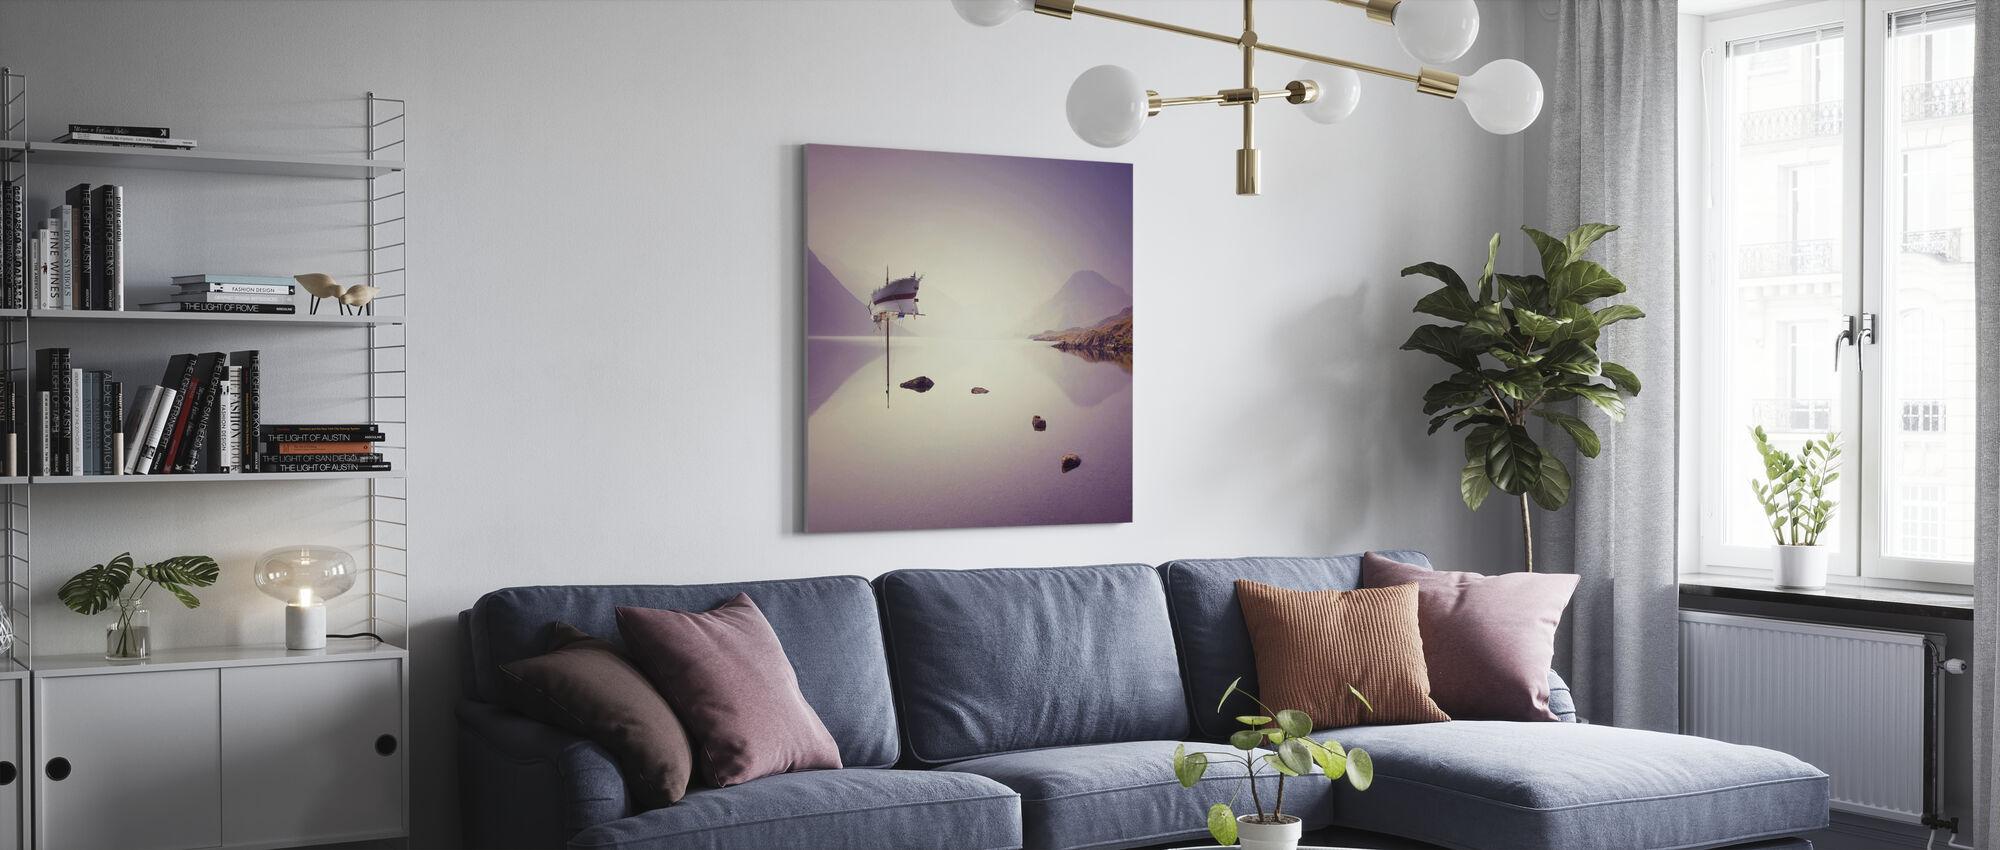 Bruten utjämning - Canvastavla - Vardagsrum